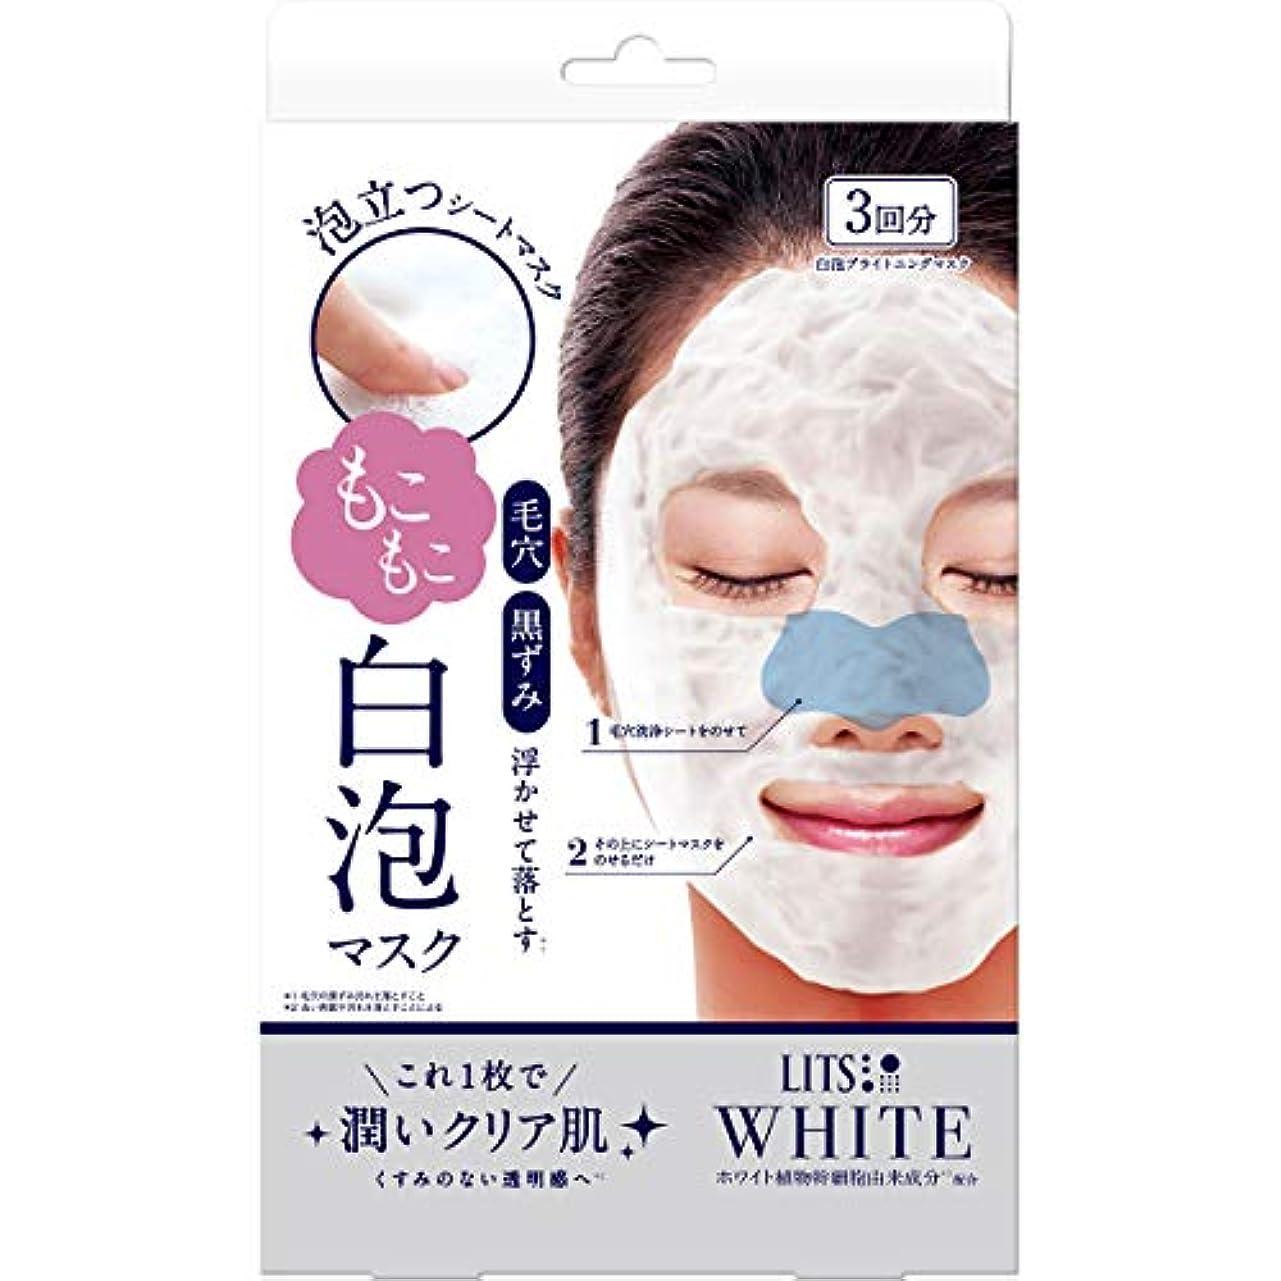 ハンマー免除する残高リッツ ホワイト もこもこ白泡マスク 3枚